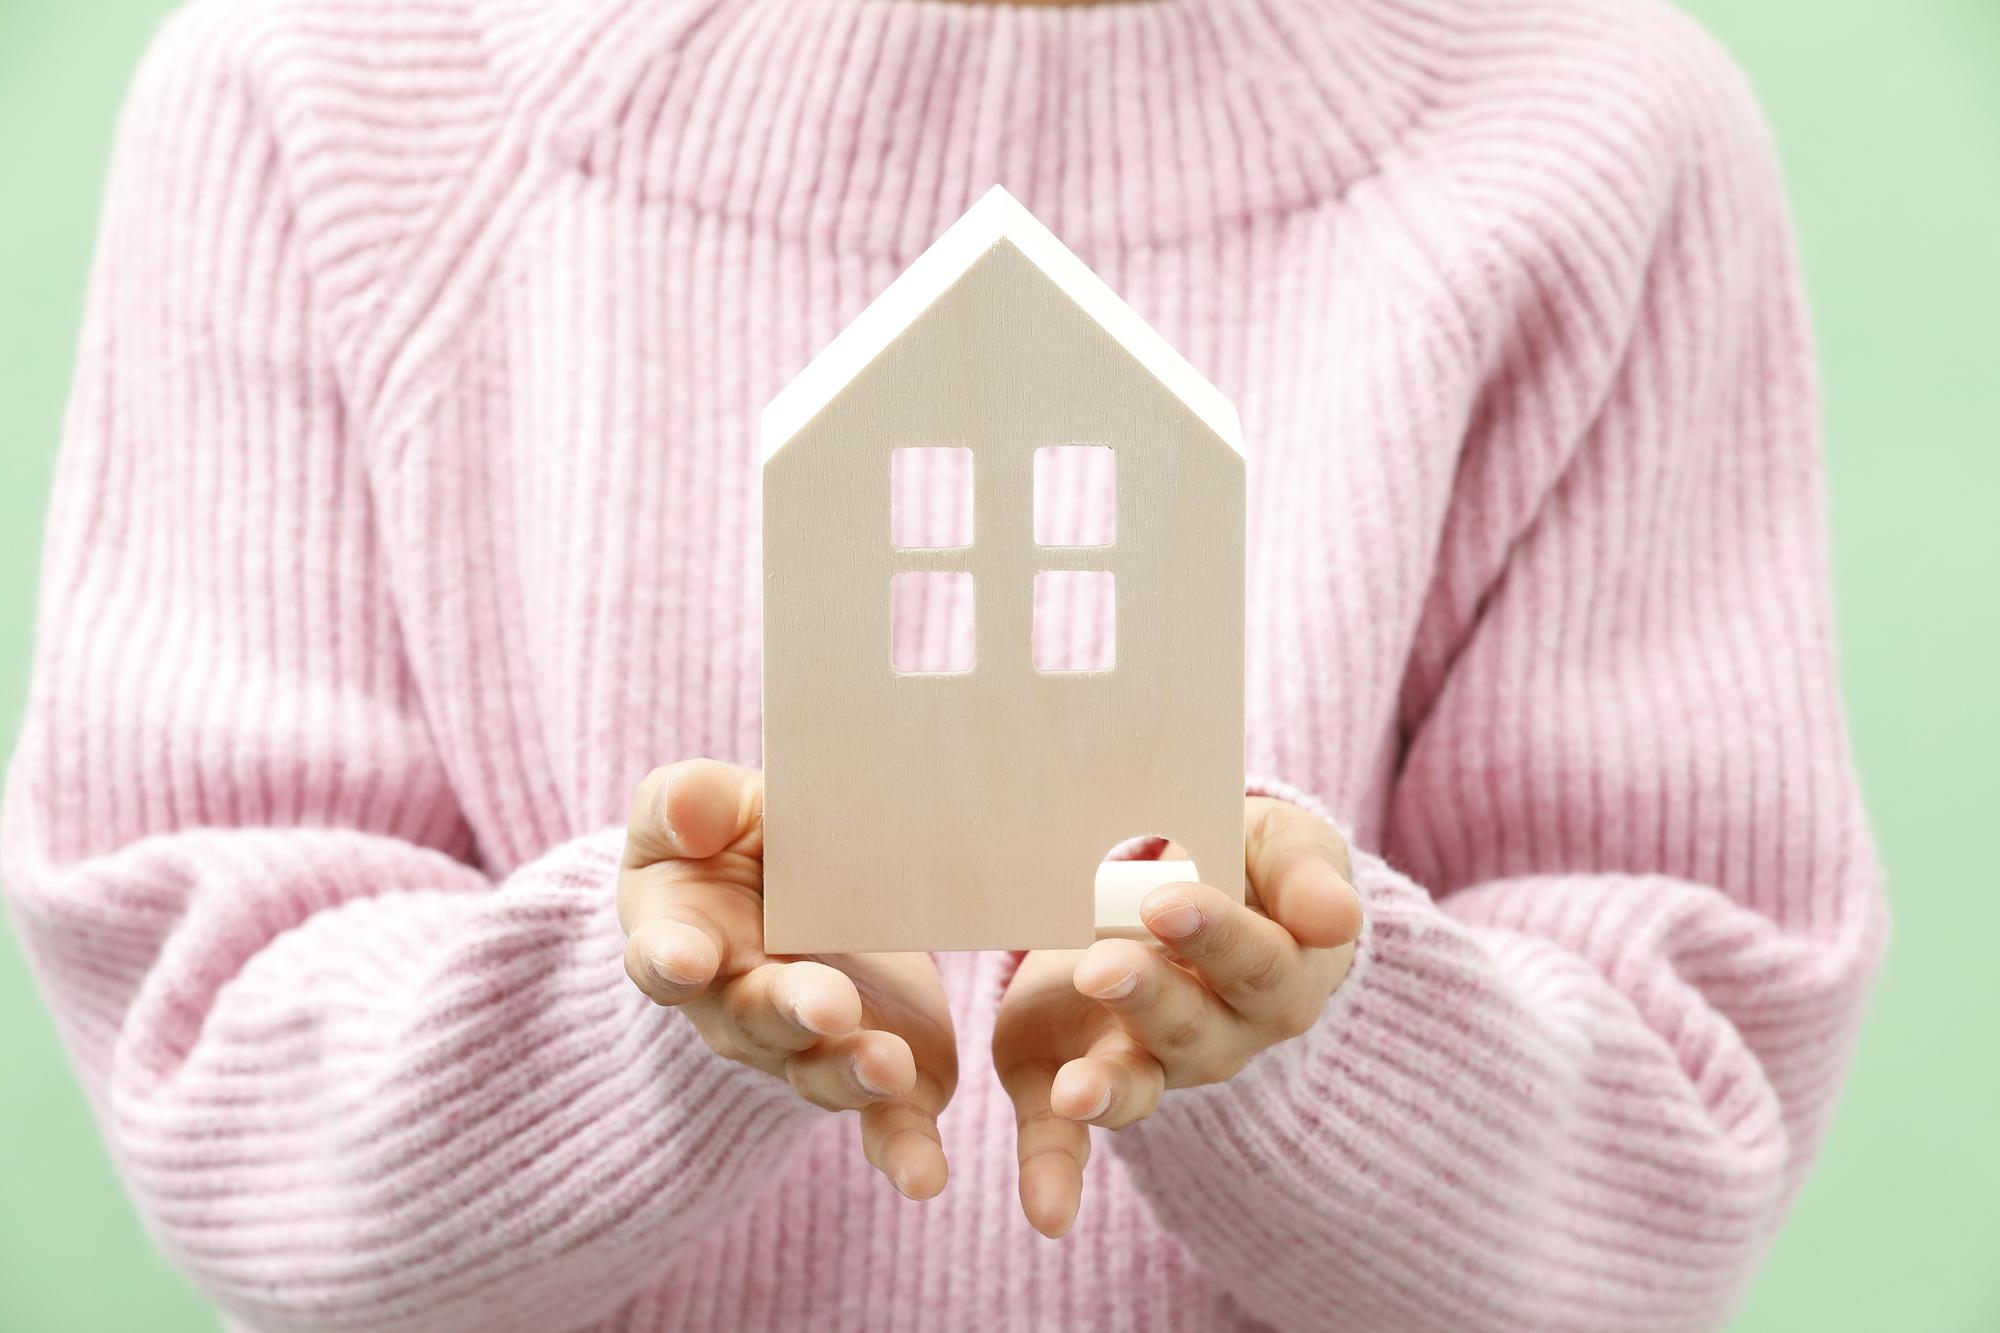 住宅ローンの組み直しとは?借り換えのメリット・デメリットと注意点